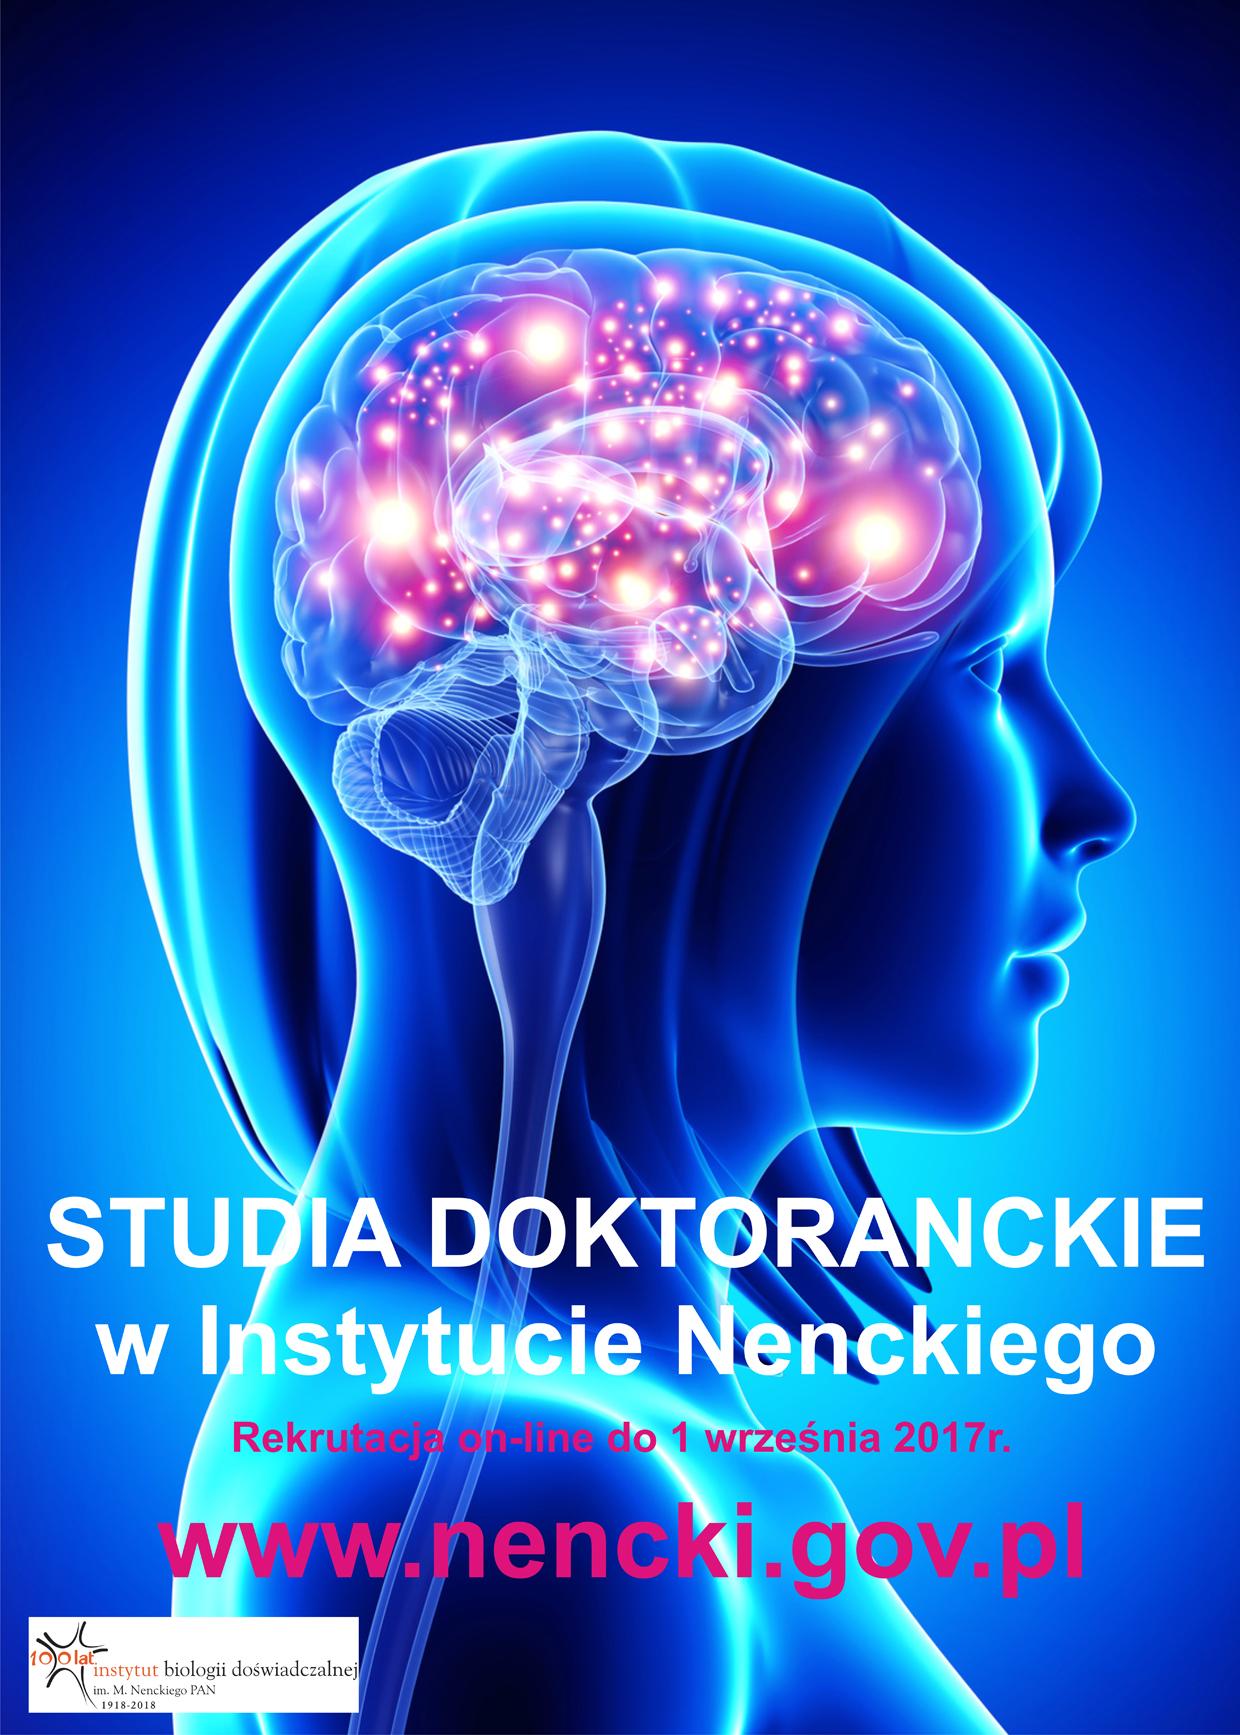 Instytut Biologii Doświadczalnej im. M. Nenckiego PAN ogłasza nabór na studia doktoranckie.